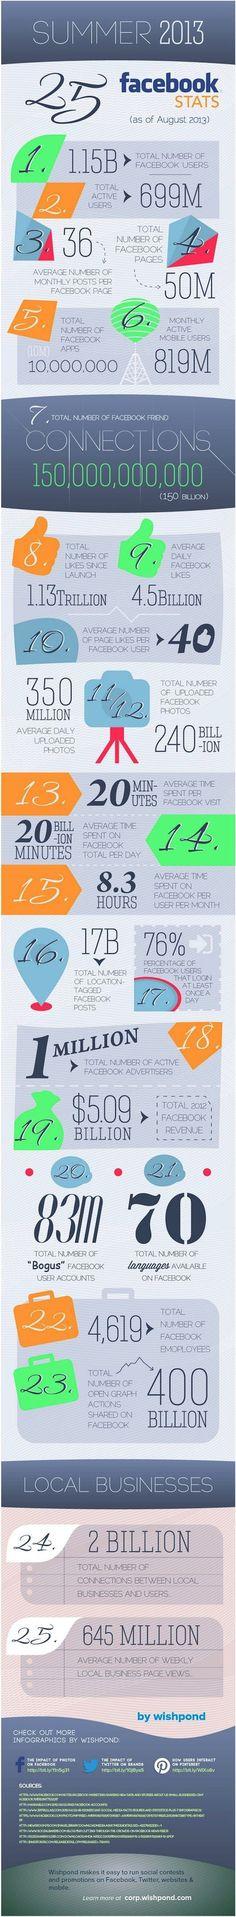 25 estadísticas sobre FaceBook